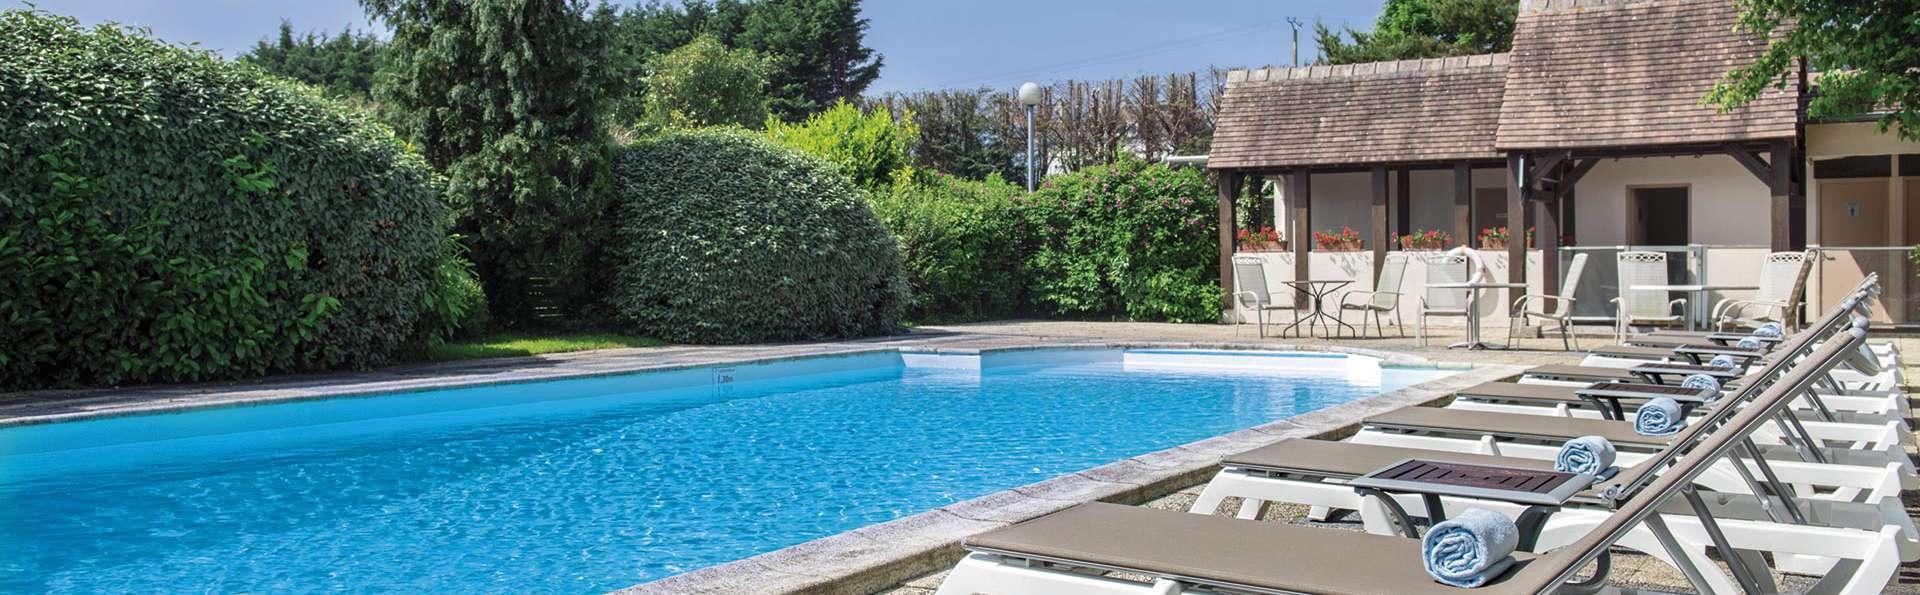 Week-end en famille près de Deauville